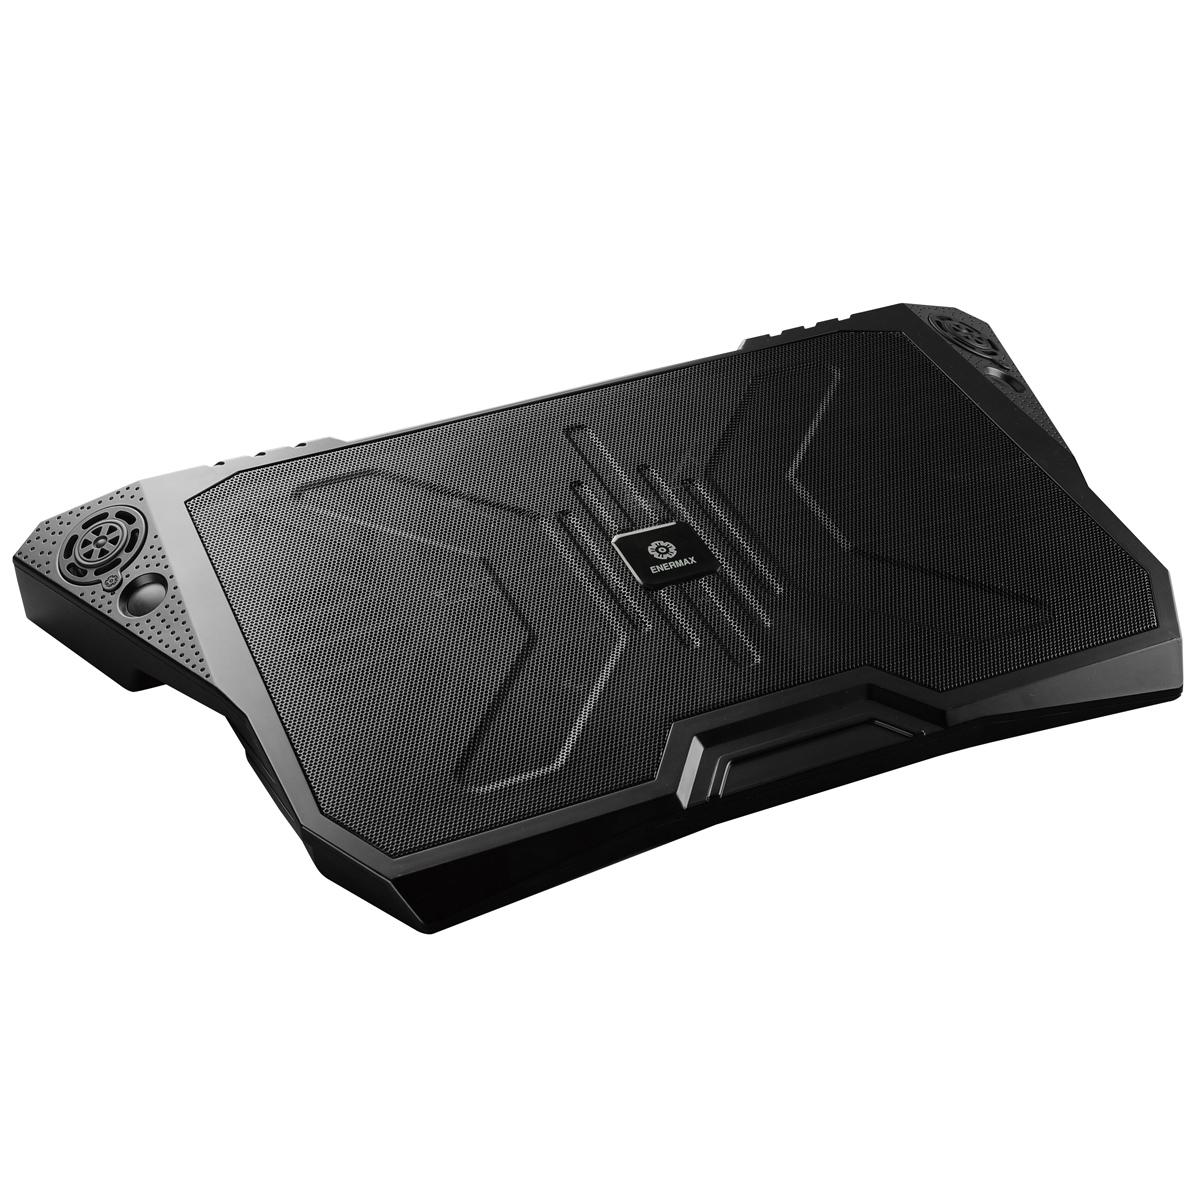 Ventilateur PC portable Enermax AeroOdio Système de refroidissement avec haut-parleurs stéréo pour ordinateur portable (jusqu'à 17 pouces)